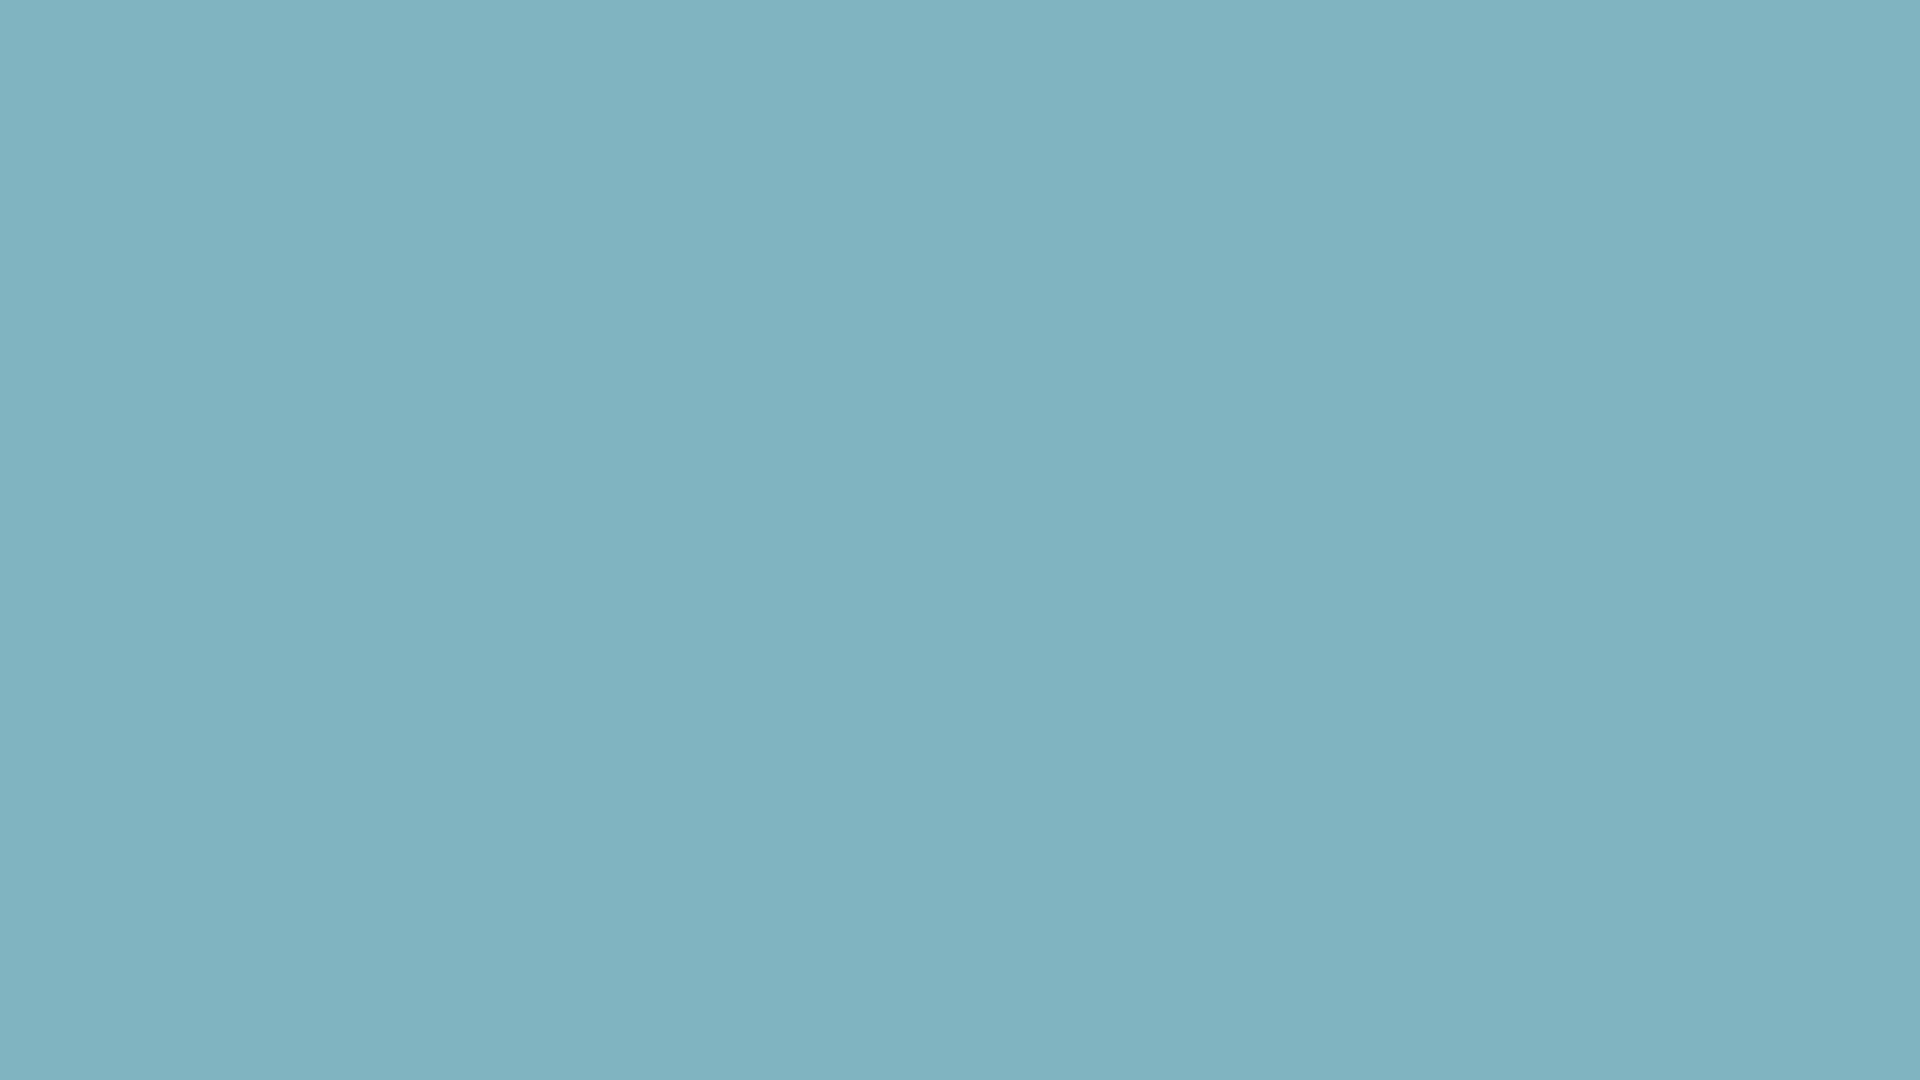 Sedan 2016 är jag krönikör i Expressen och i mina kolumner försöker jag lyfta frågor och perspektiv som inte alltid har plats i nyhetsflödet. Mina texter bottnar också i en lång och gedigen forskning och kunskap om USA. 2012 blev jag Svenska Dagbladets expert under presidentvalet och därefter har jag medverkat frekvent i alla stora svenska medier. -